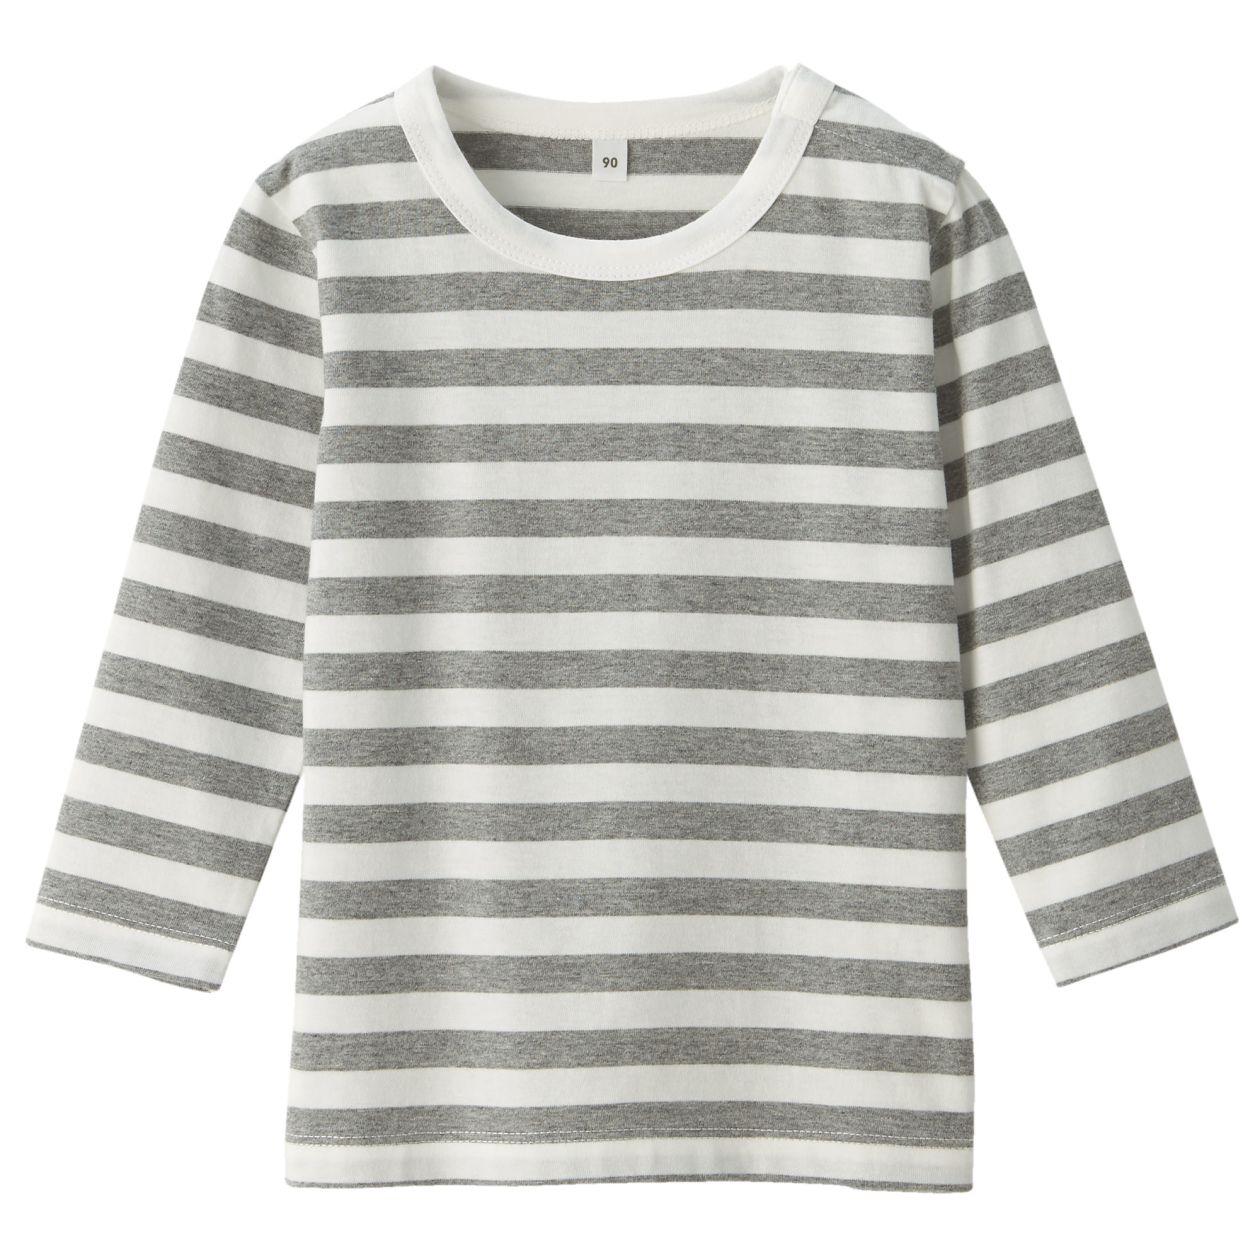 毎日のこども服オーガニックコットンしましま長袖Tシャツ(ベビー)